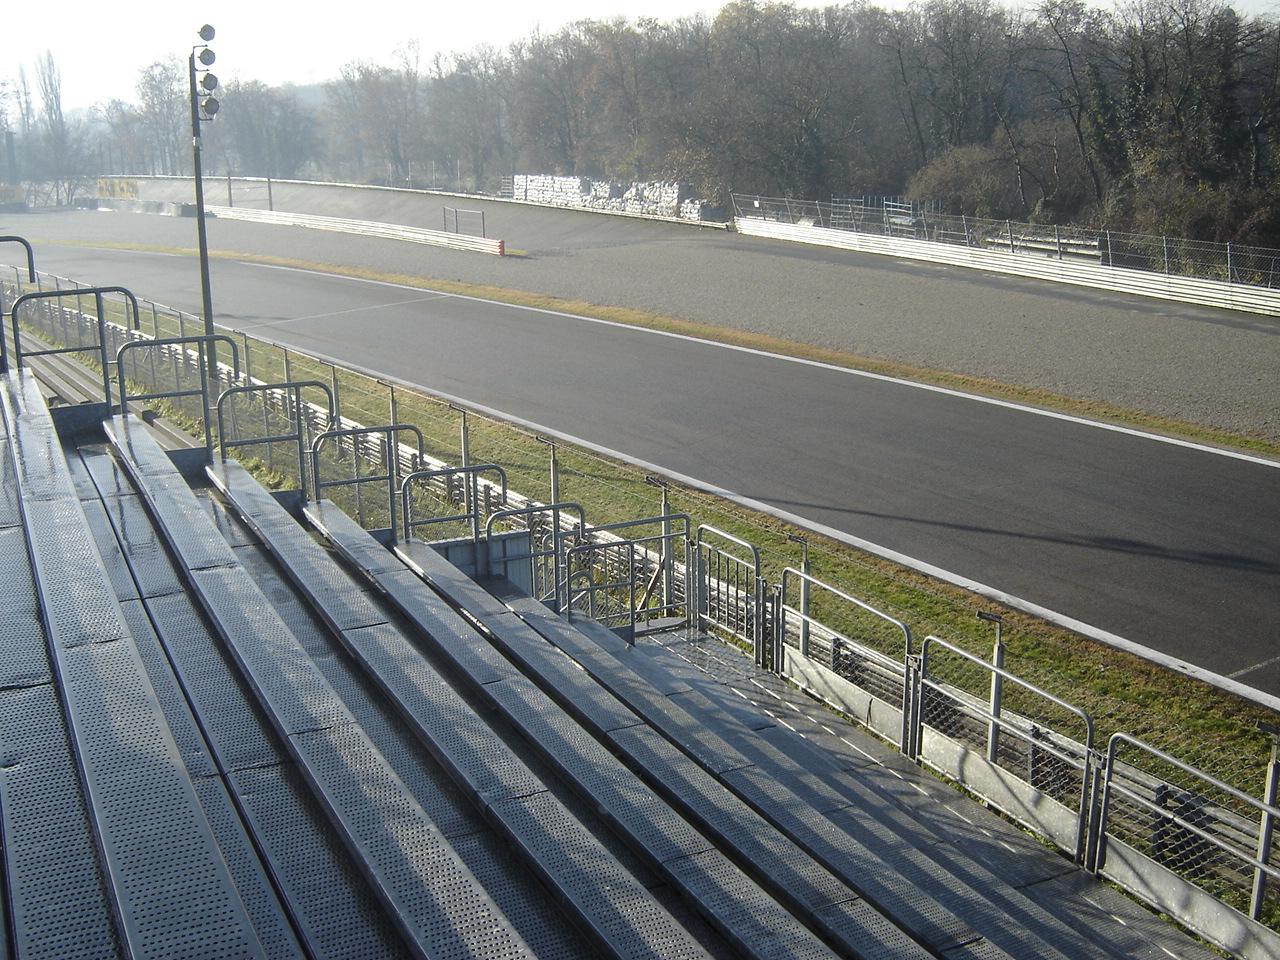 Circuito Monza : Curva parabolica del circuito di milano milano monza fotografia